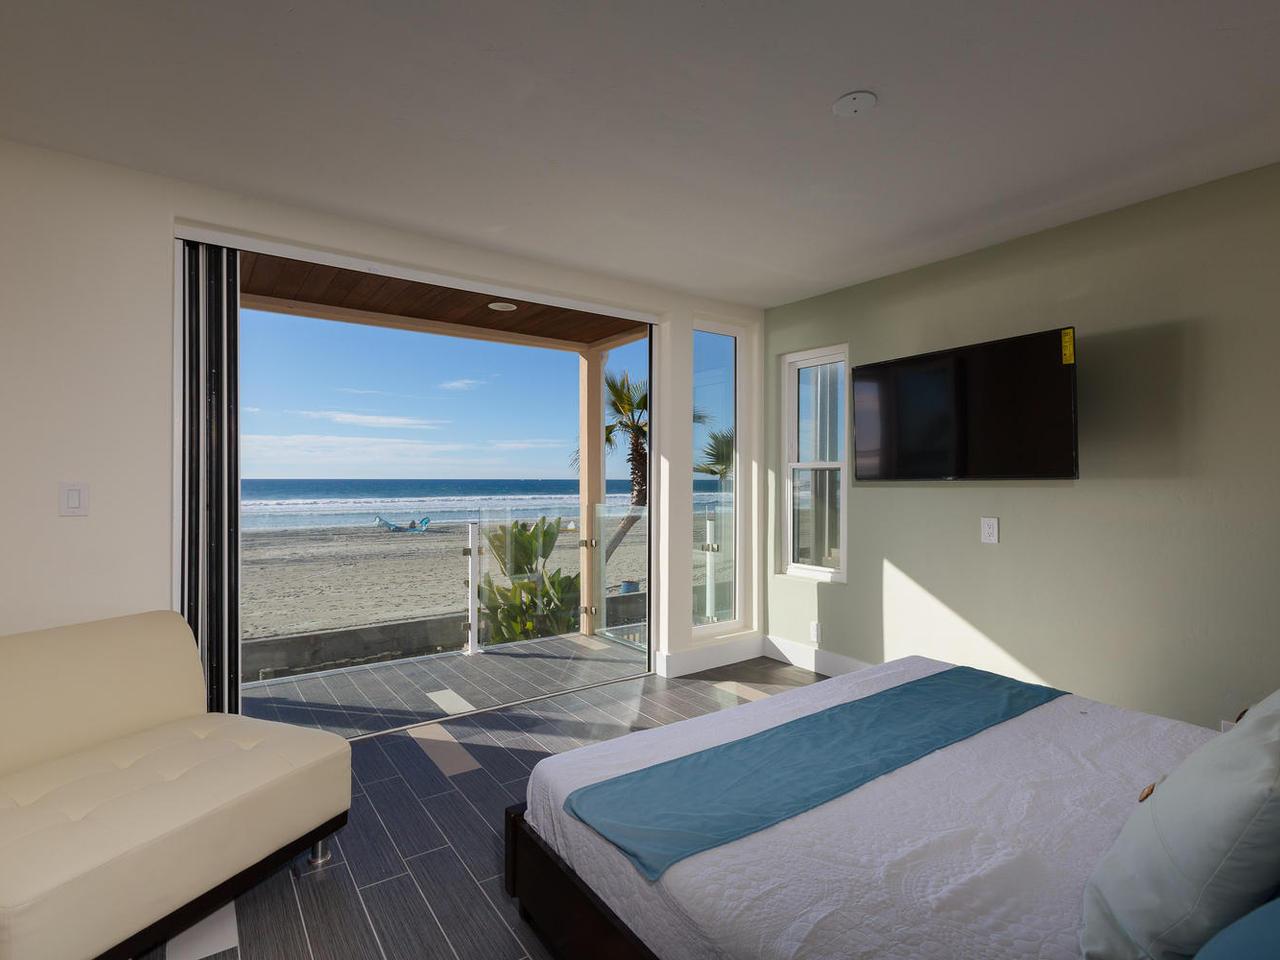 San Diego Vacation Rentals Luxury Beachfront Vacation